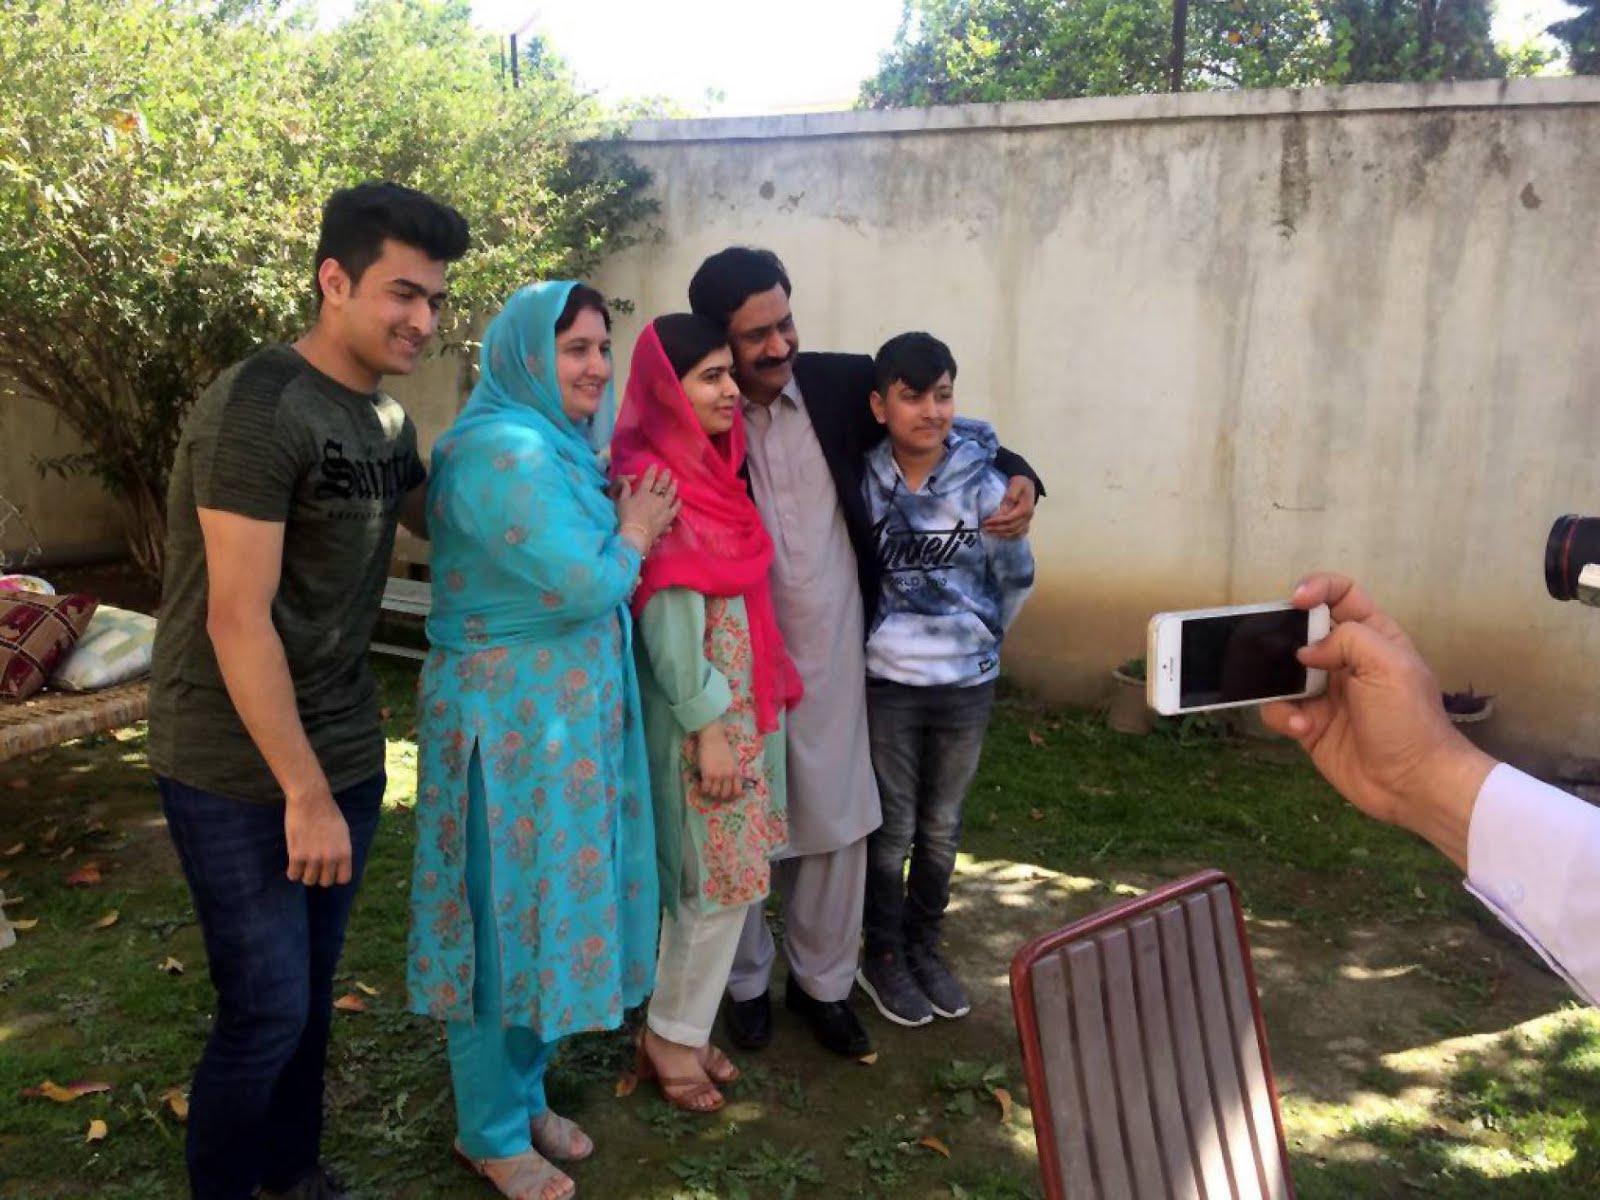 Malala vuelve a su pueblo en Pakistán por primera vez desde su atentado